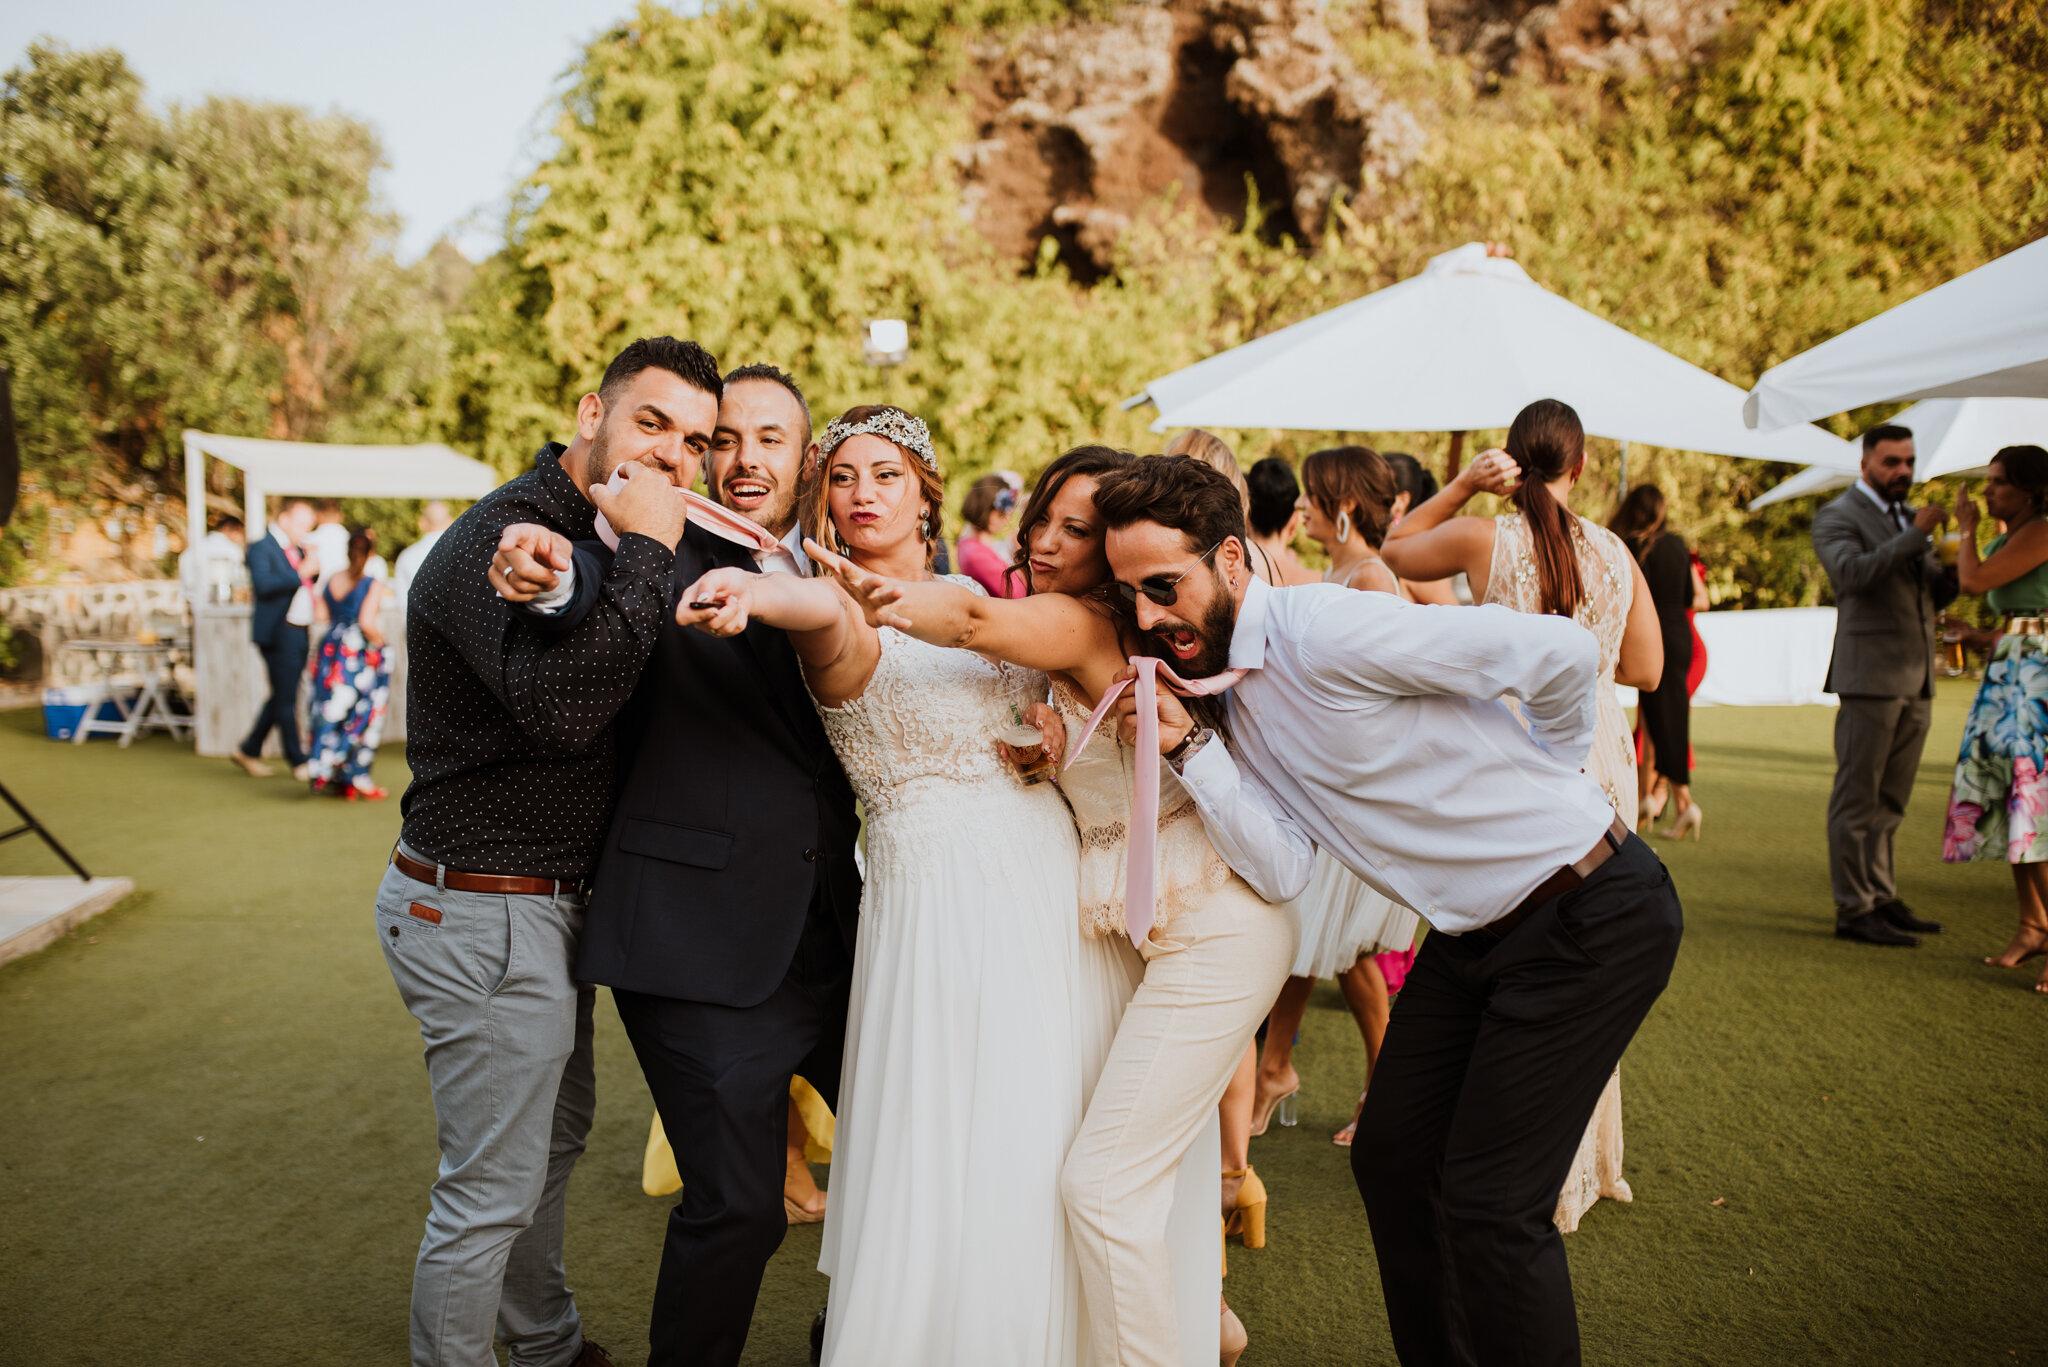 fotografo de bodas las palmas_-112.jpg